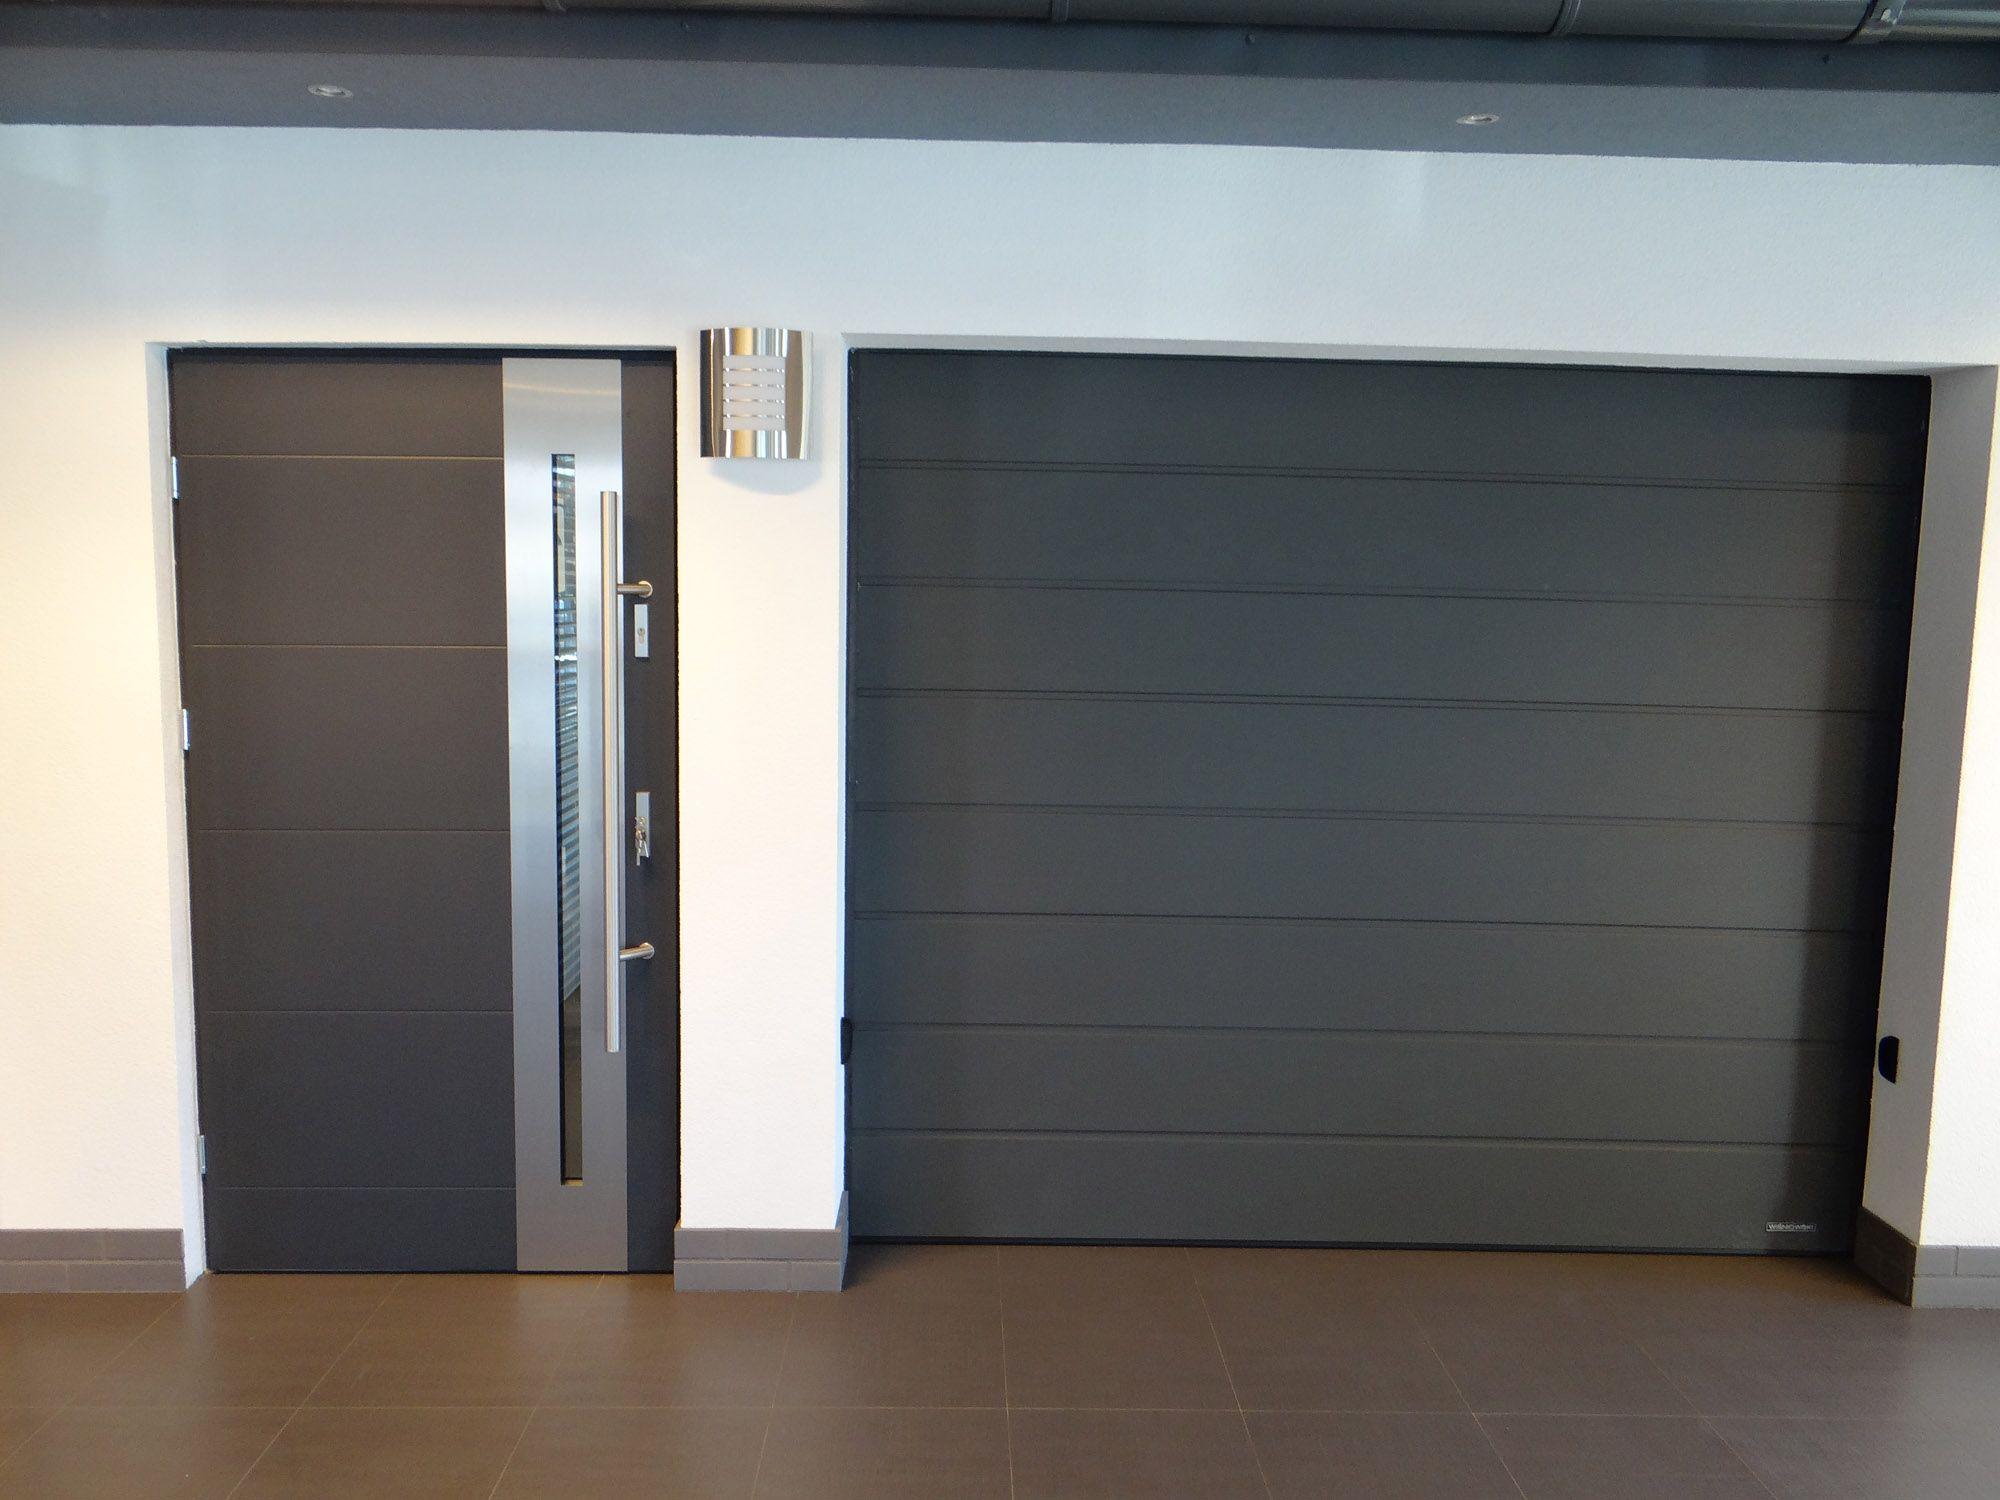 New Yorker Stainless Steel Modern Entry Door With Glass Modern Exterior Doors Contemporary Garage Doors Garage Door Design